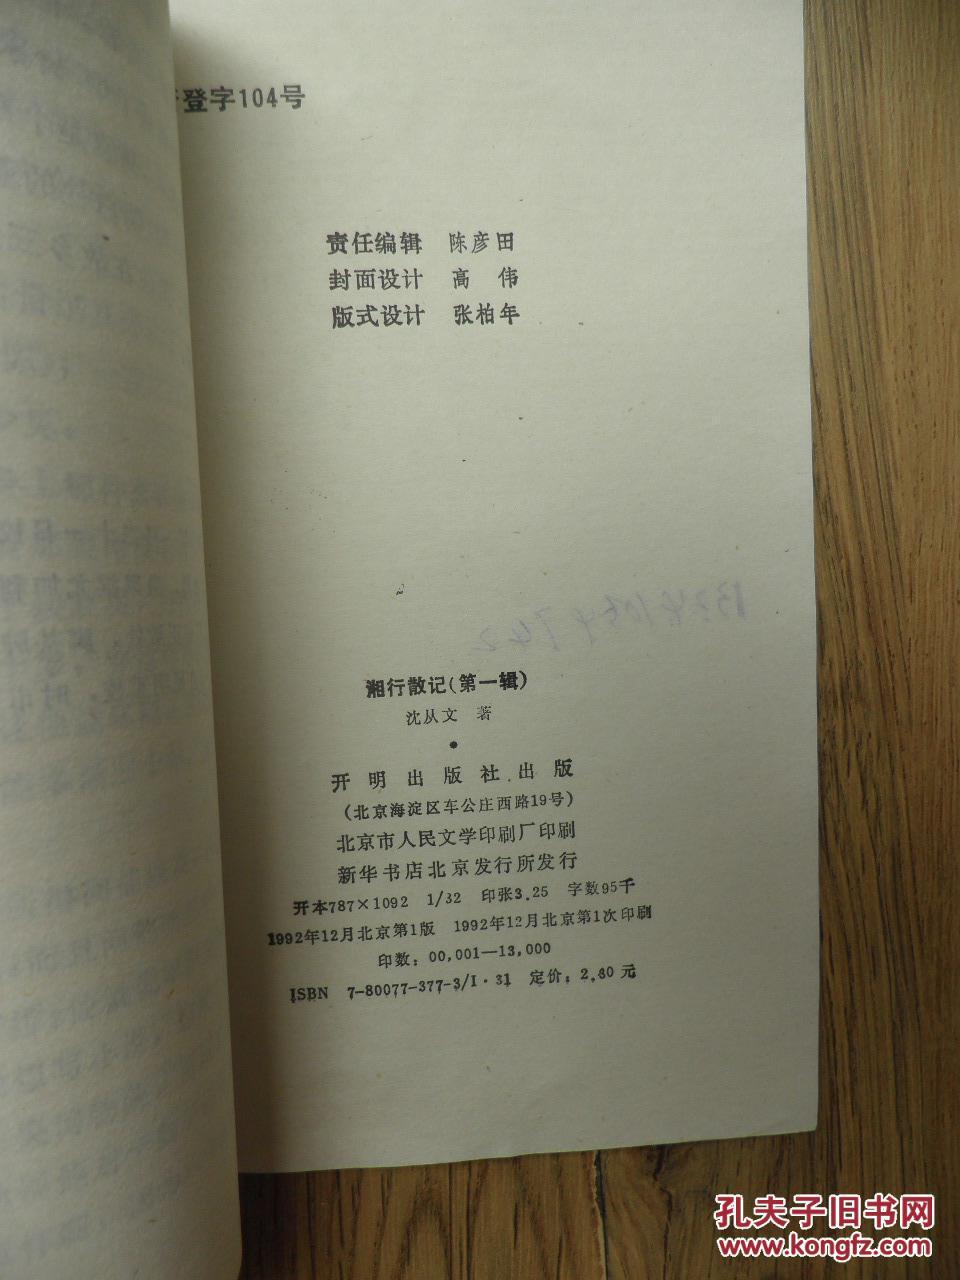 沈从文作品《湘行散记》(软精装一册全 散文-作品-中国-现代 封底有湿图片